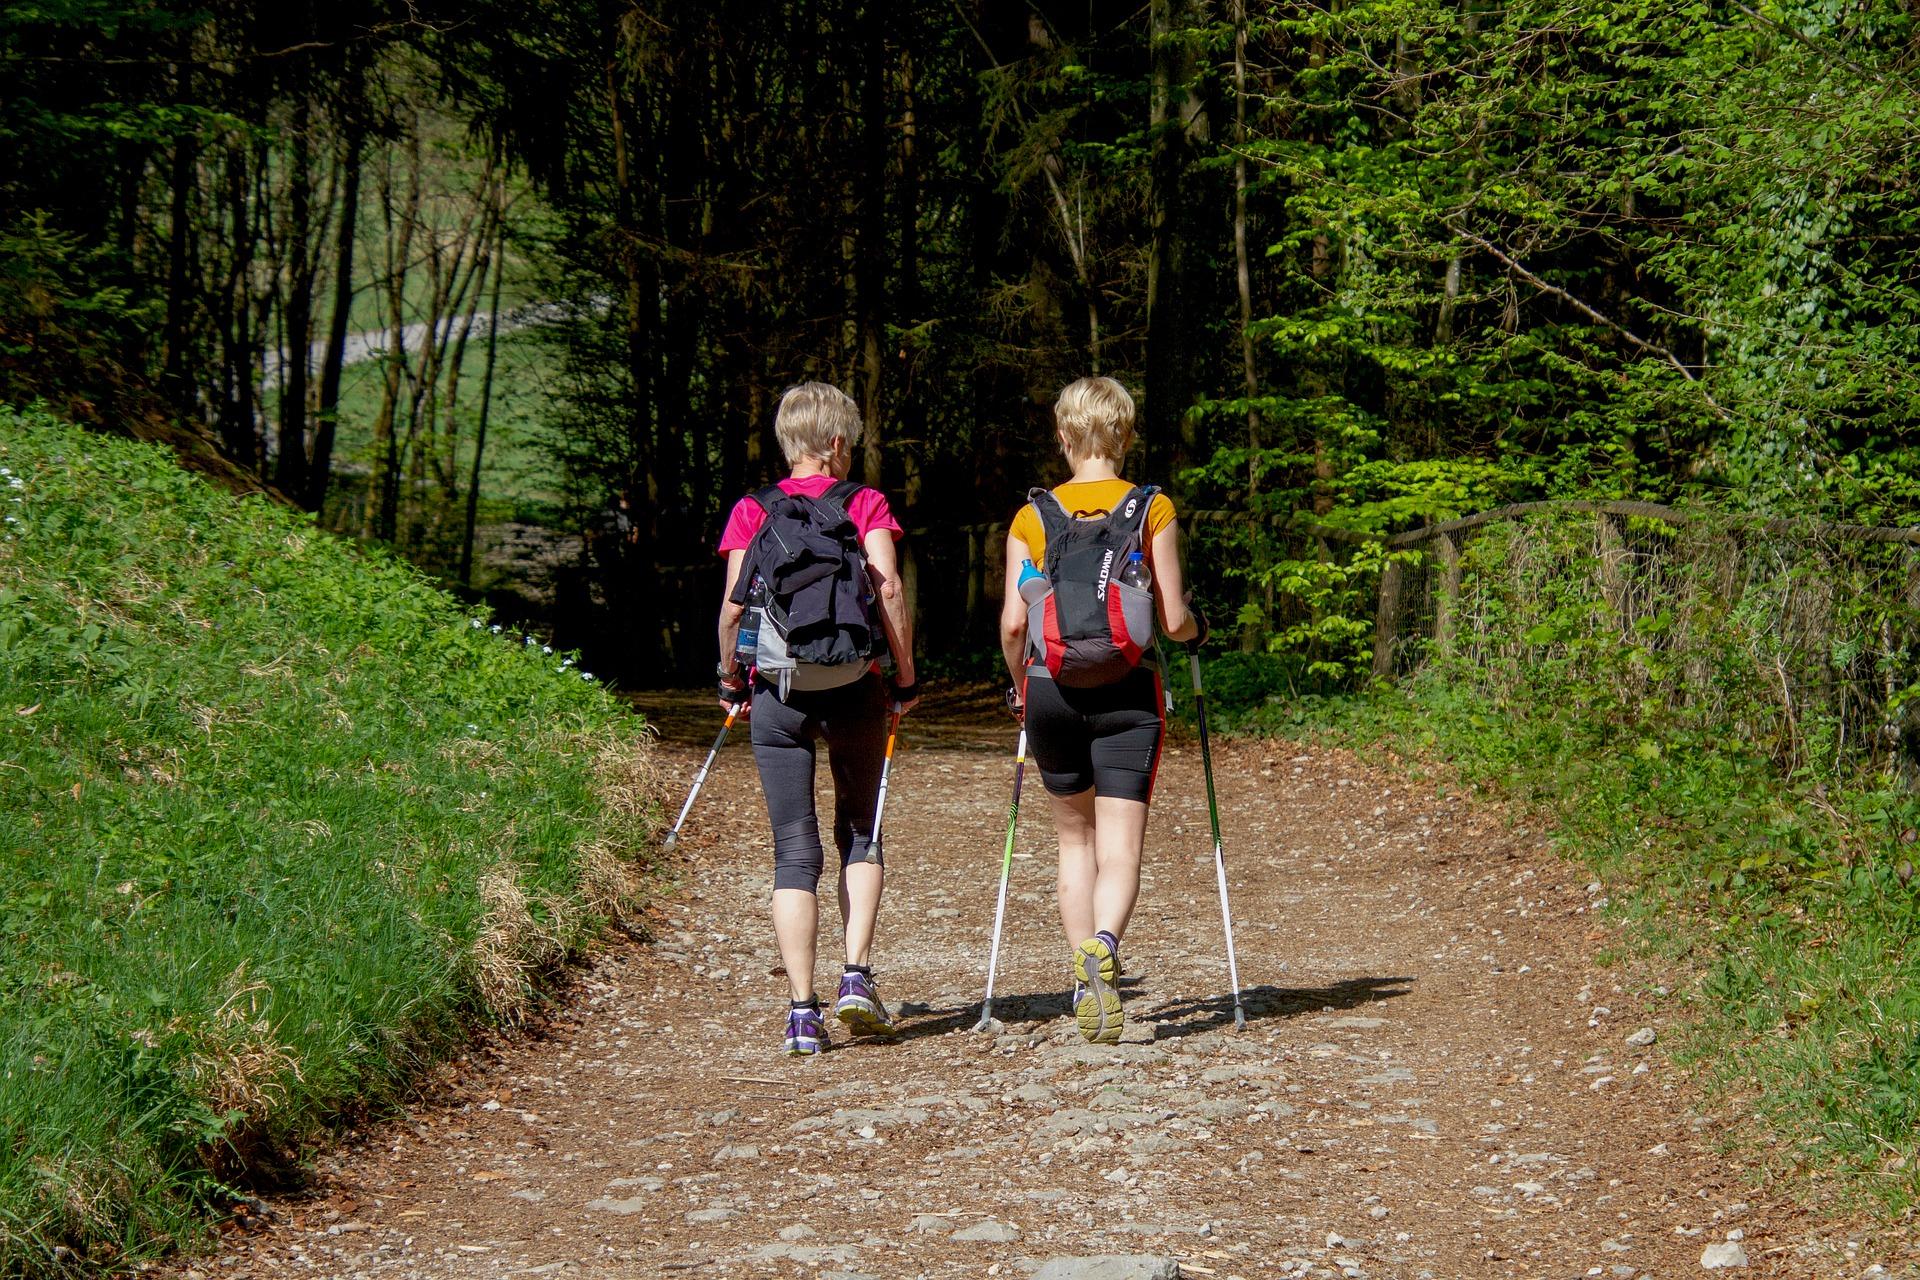 Das Well-Aktiv-Programm im Zentrum für Gesundheit & Sport Sport Studio Hirsch in Bad Tölz. Hier wird Gesundheit zum Genuss.